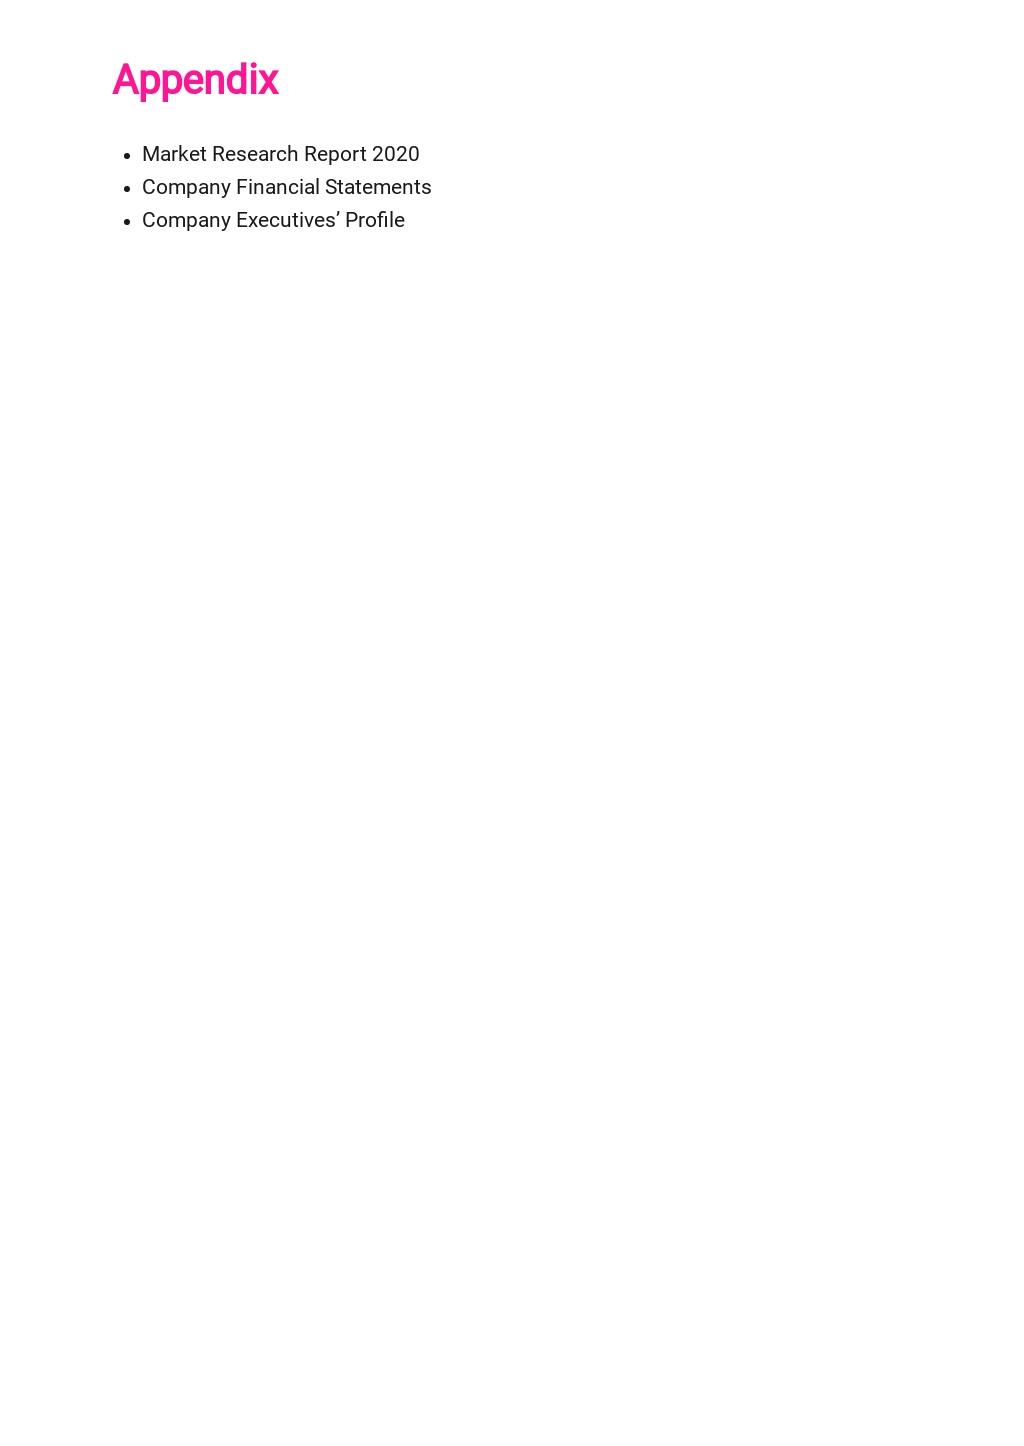 Website Design and Development Business Plan Template 9.jpe